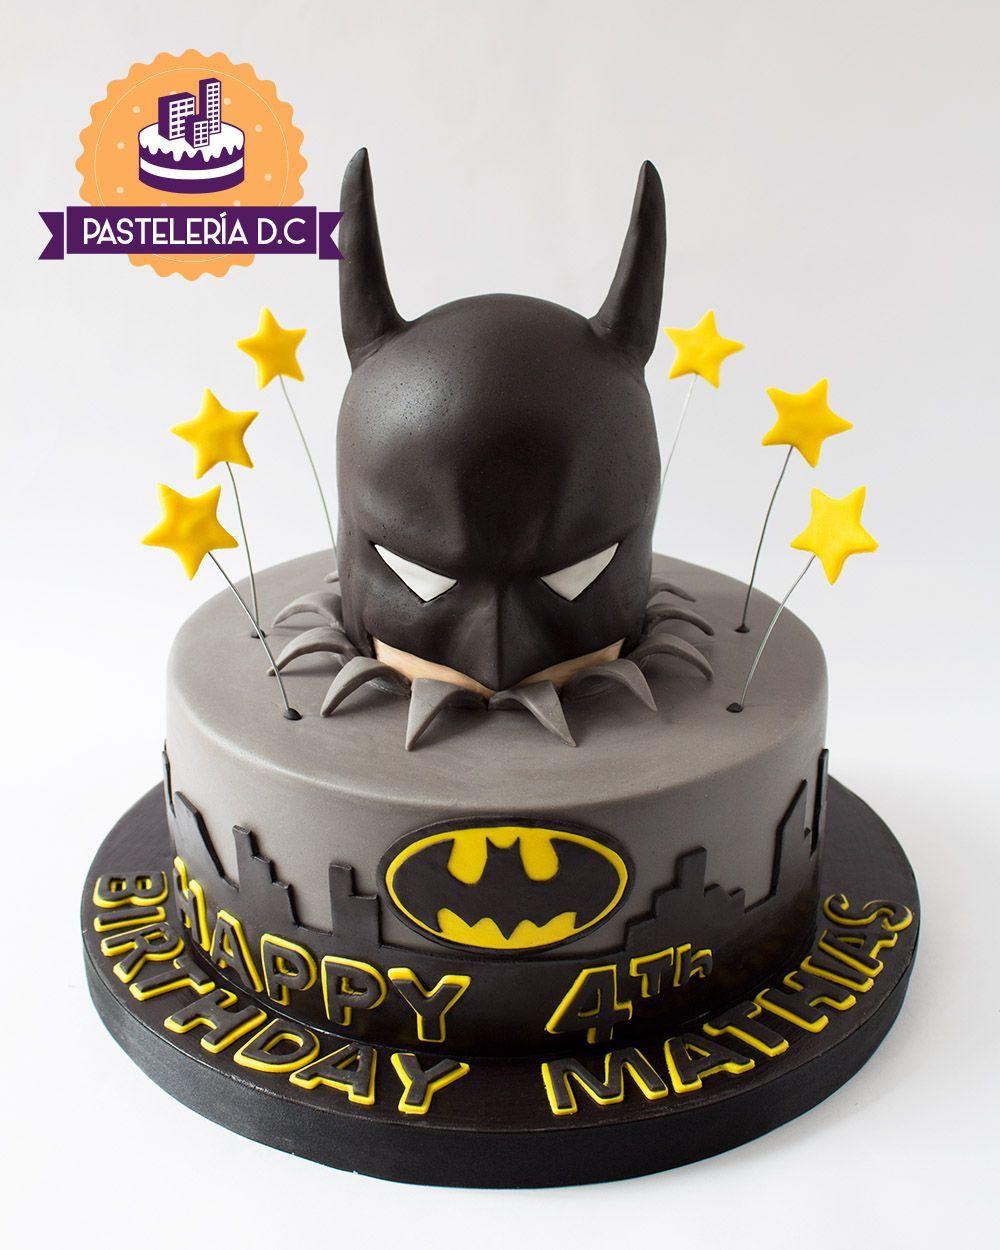 Enjoyable 21 Linda Pasteles De Cumpleanos De Walmart Enlinea Para El Personalised Birthday Cards Paralily Jamesorg